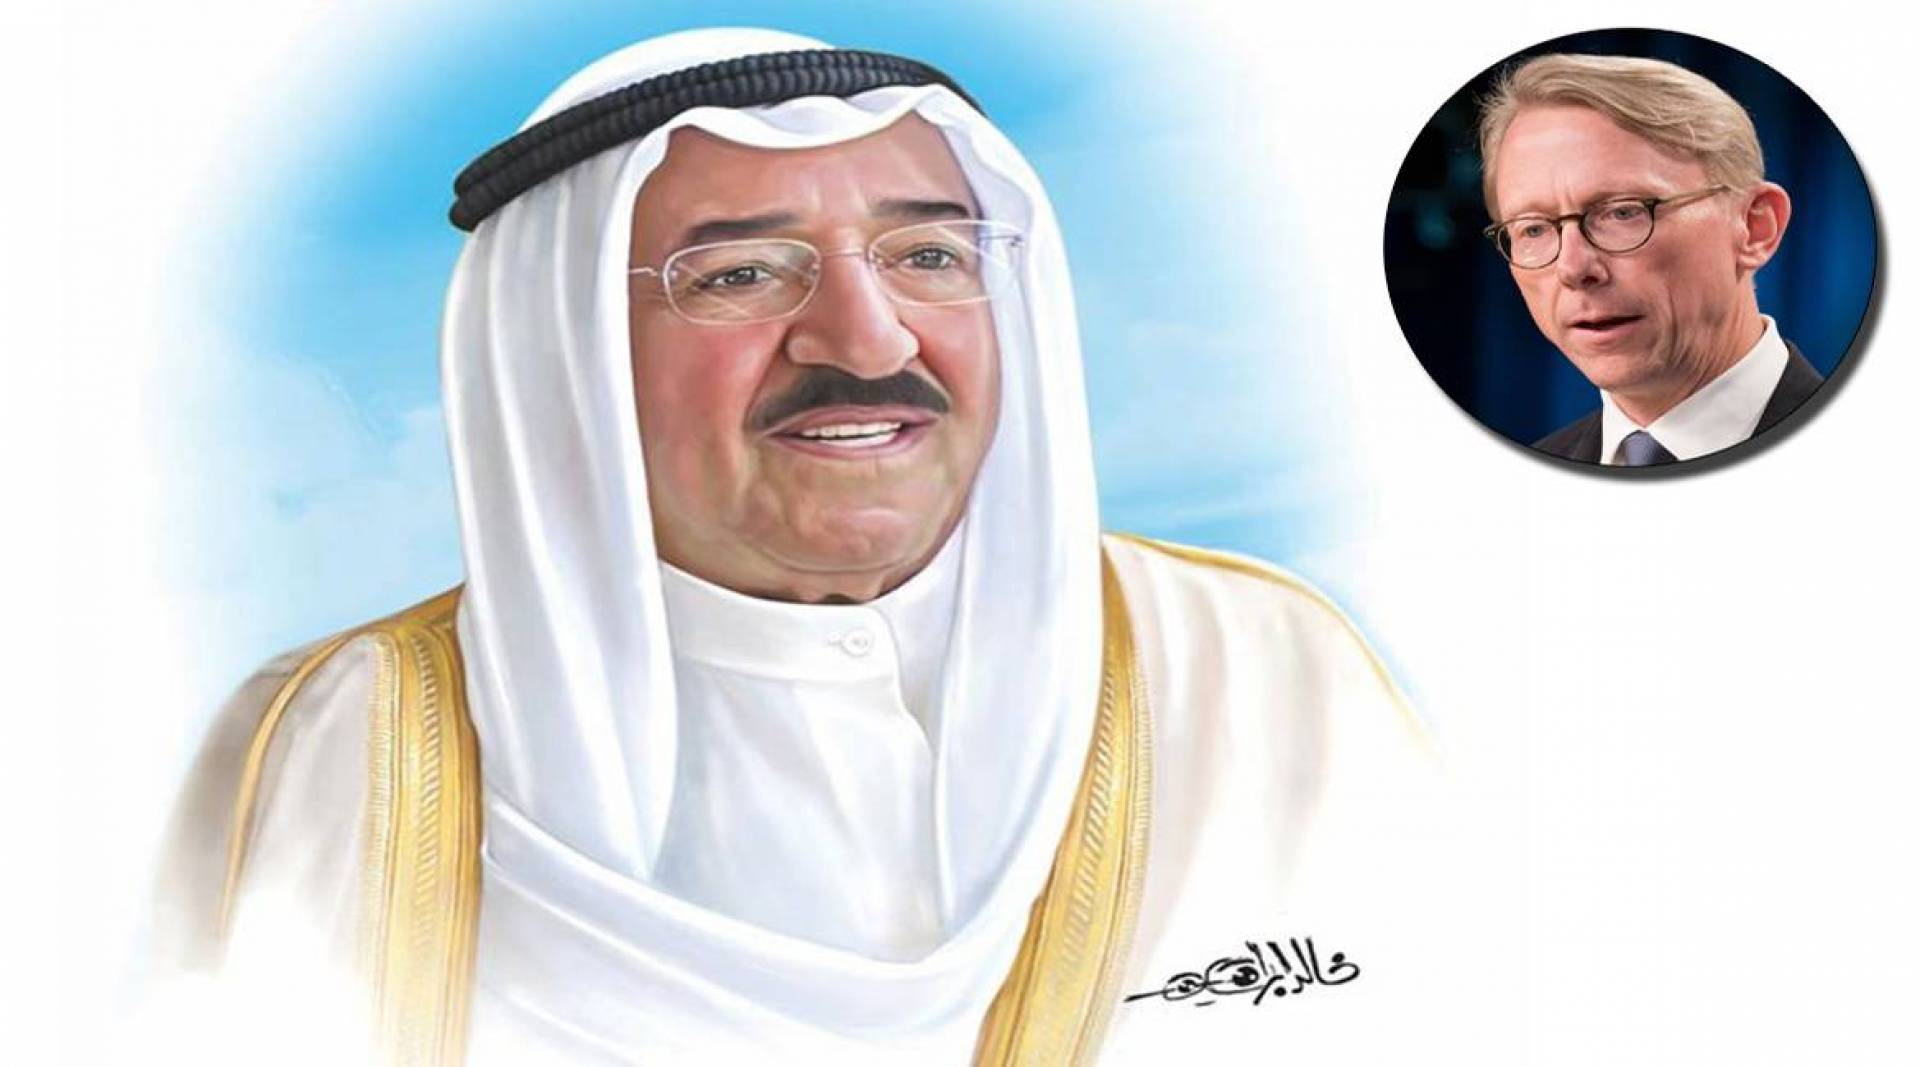 الممثل الأميركي الخاص لإيران: سمو الأمير أصبح بحالة صحية أفضل